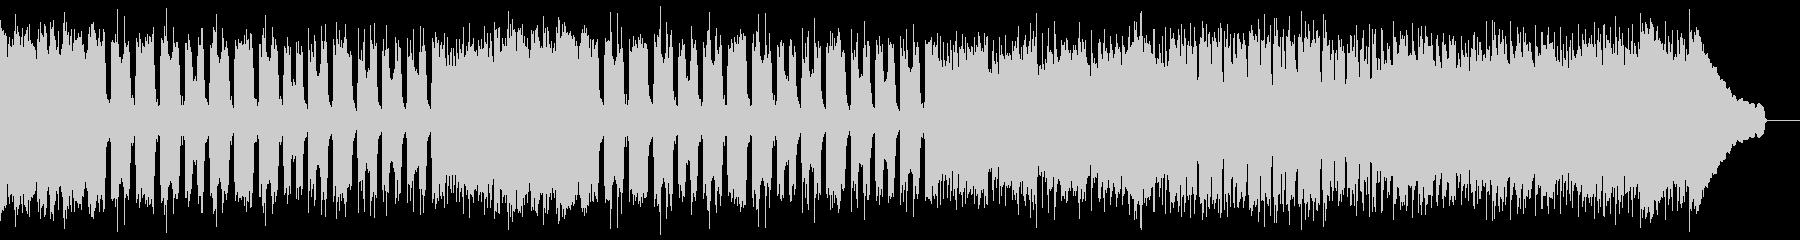 カントリー風ロックギター01Iの未再生の波形